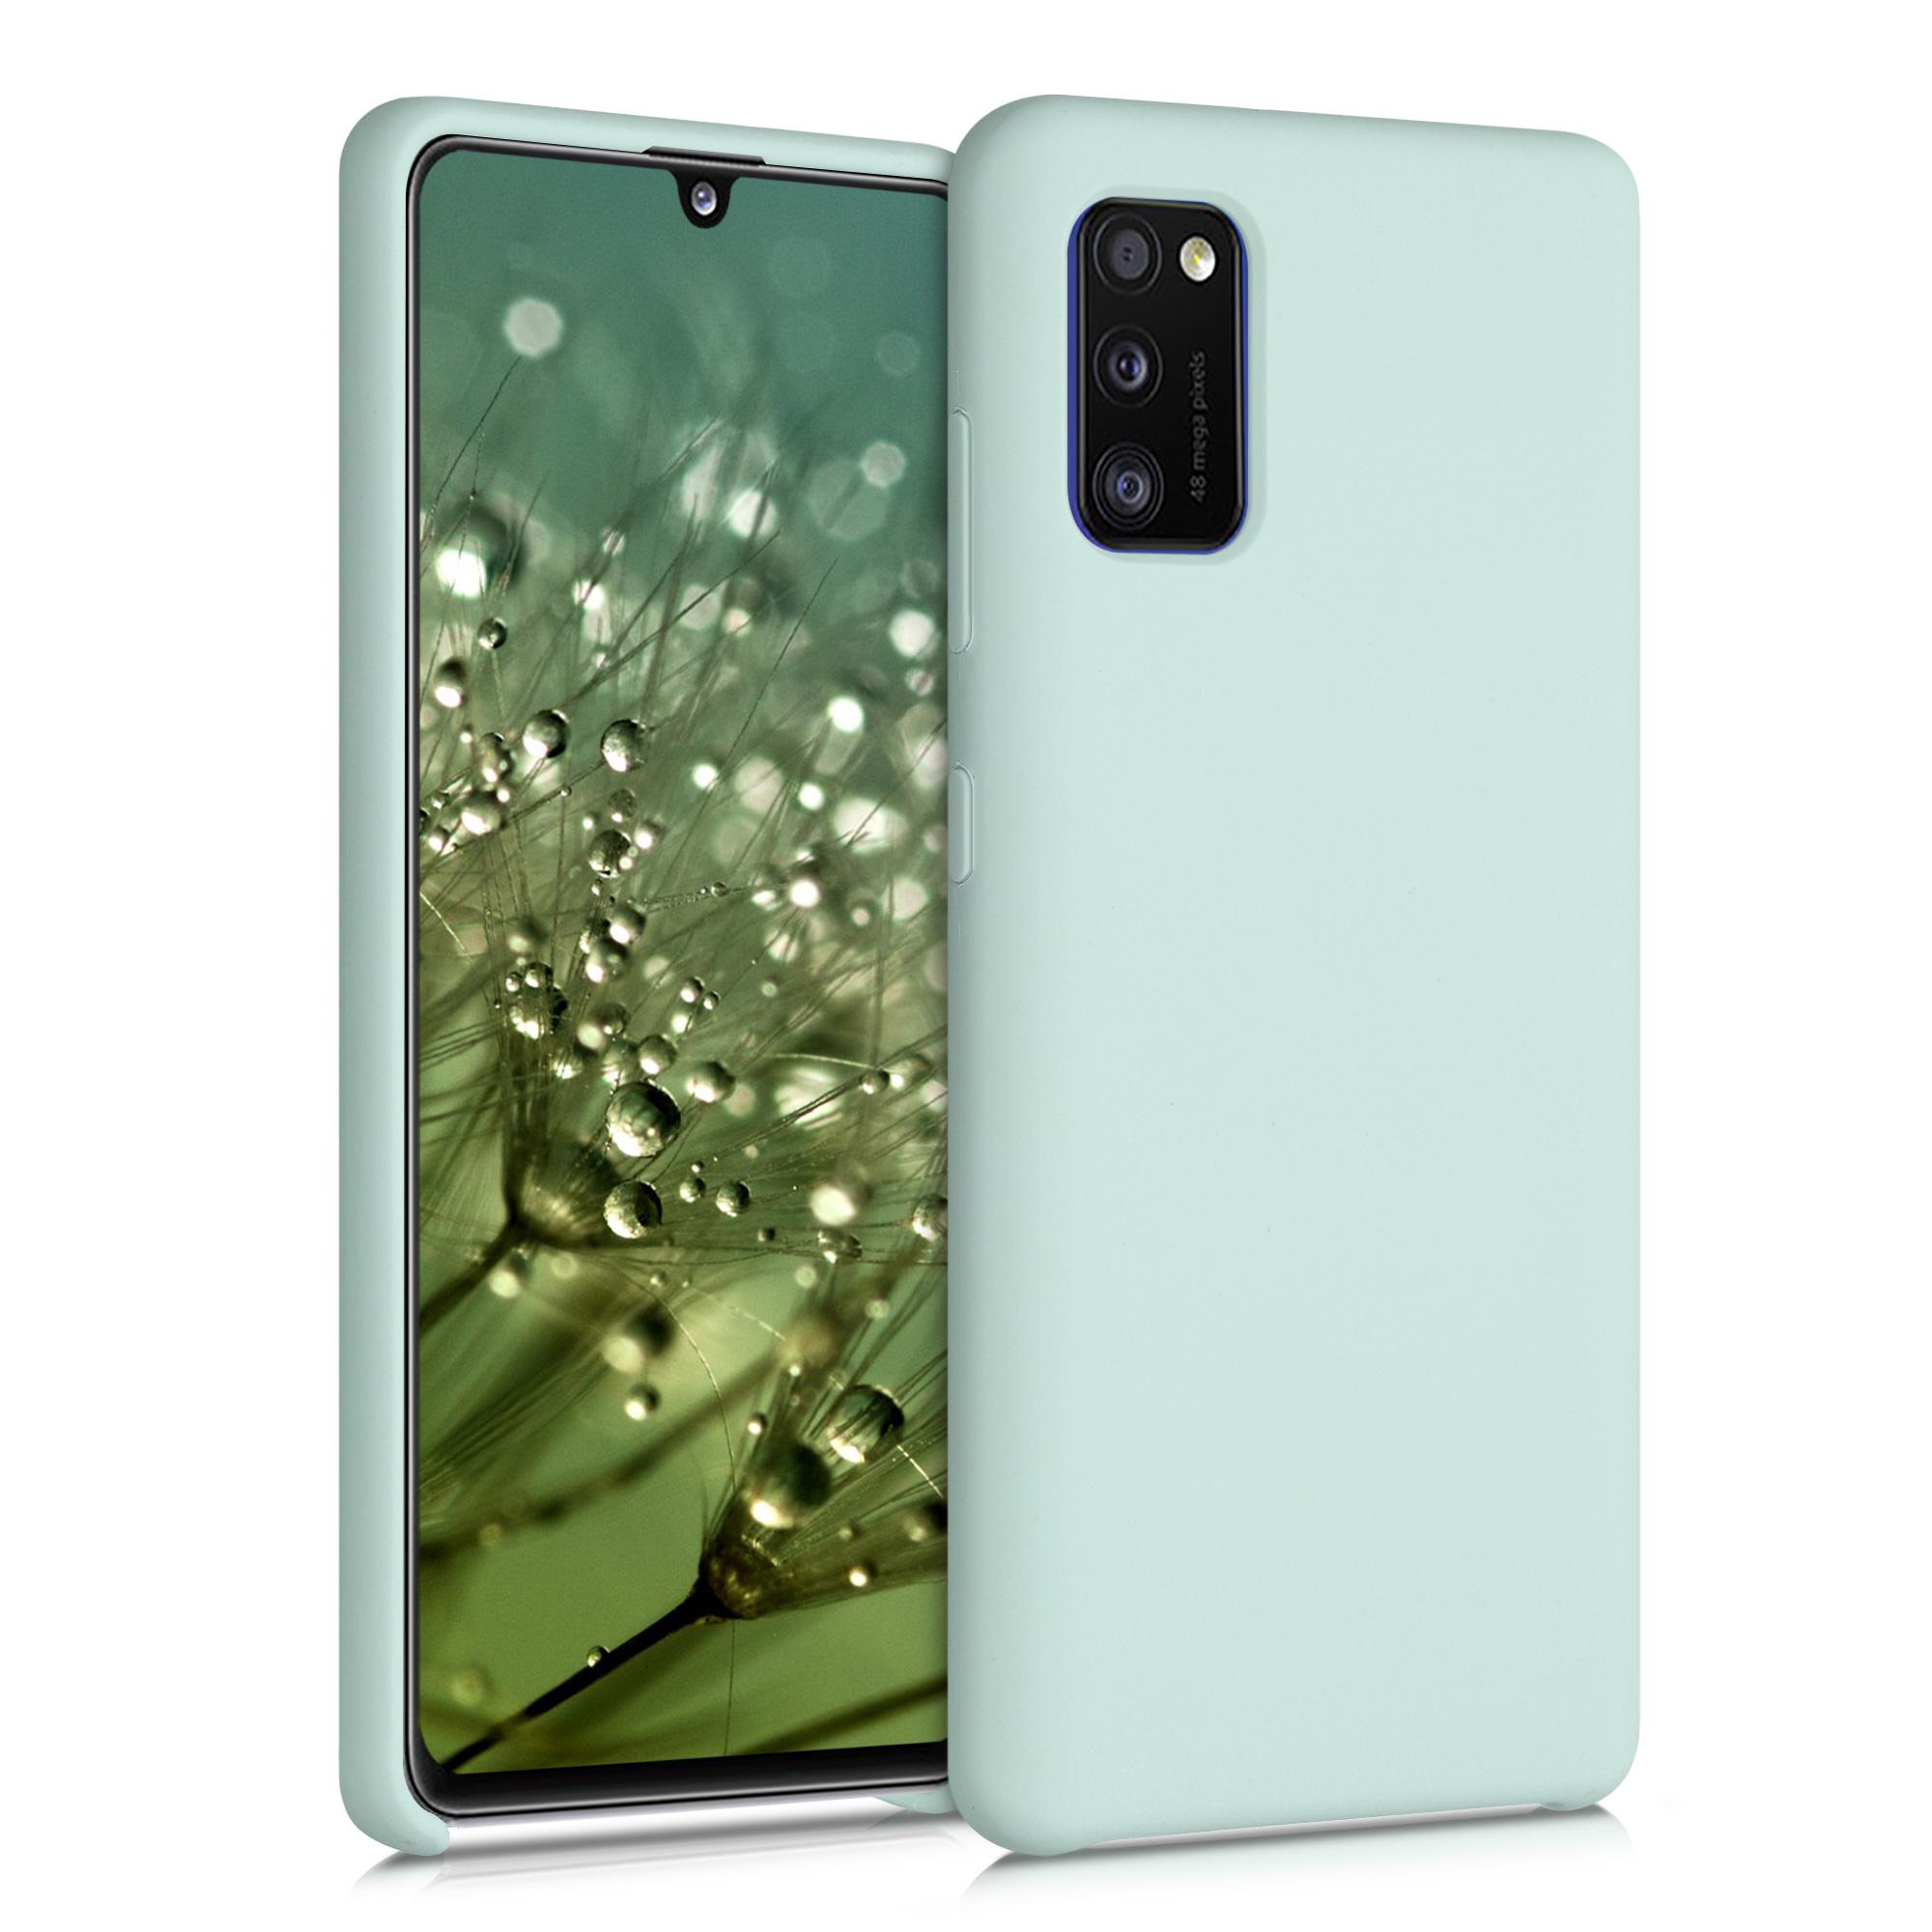 Kvalitní silikonové TPU pouzdro pro Samsung A41 - Frosty Mint